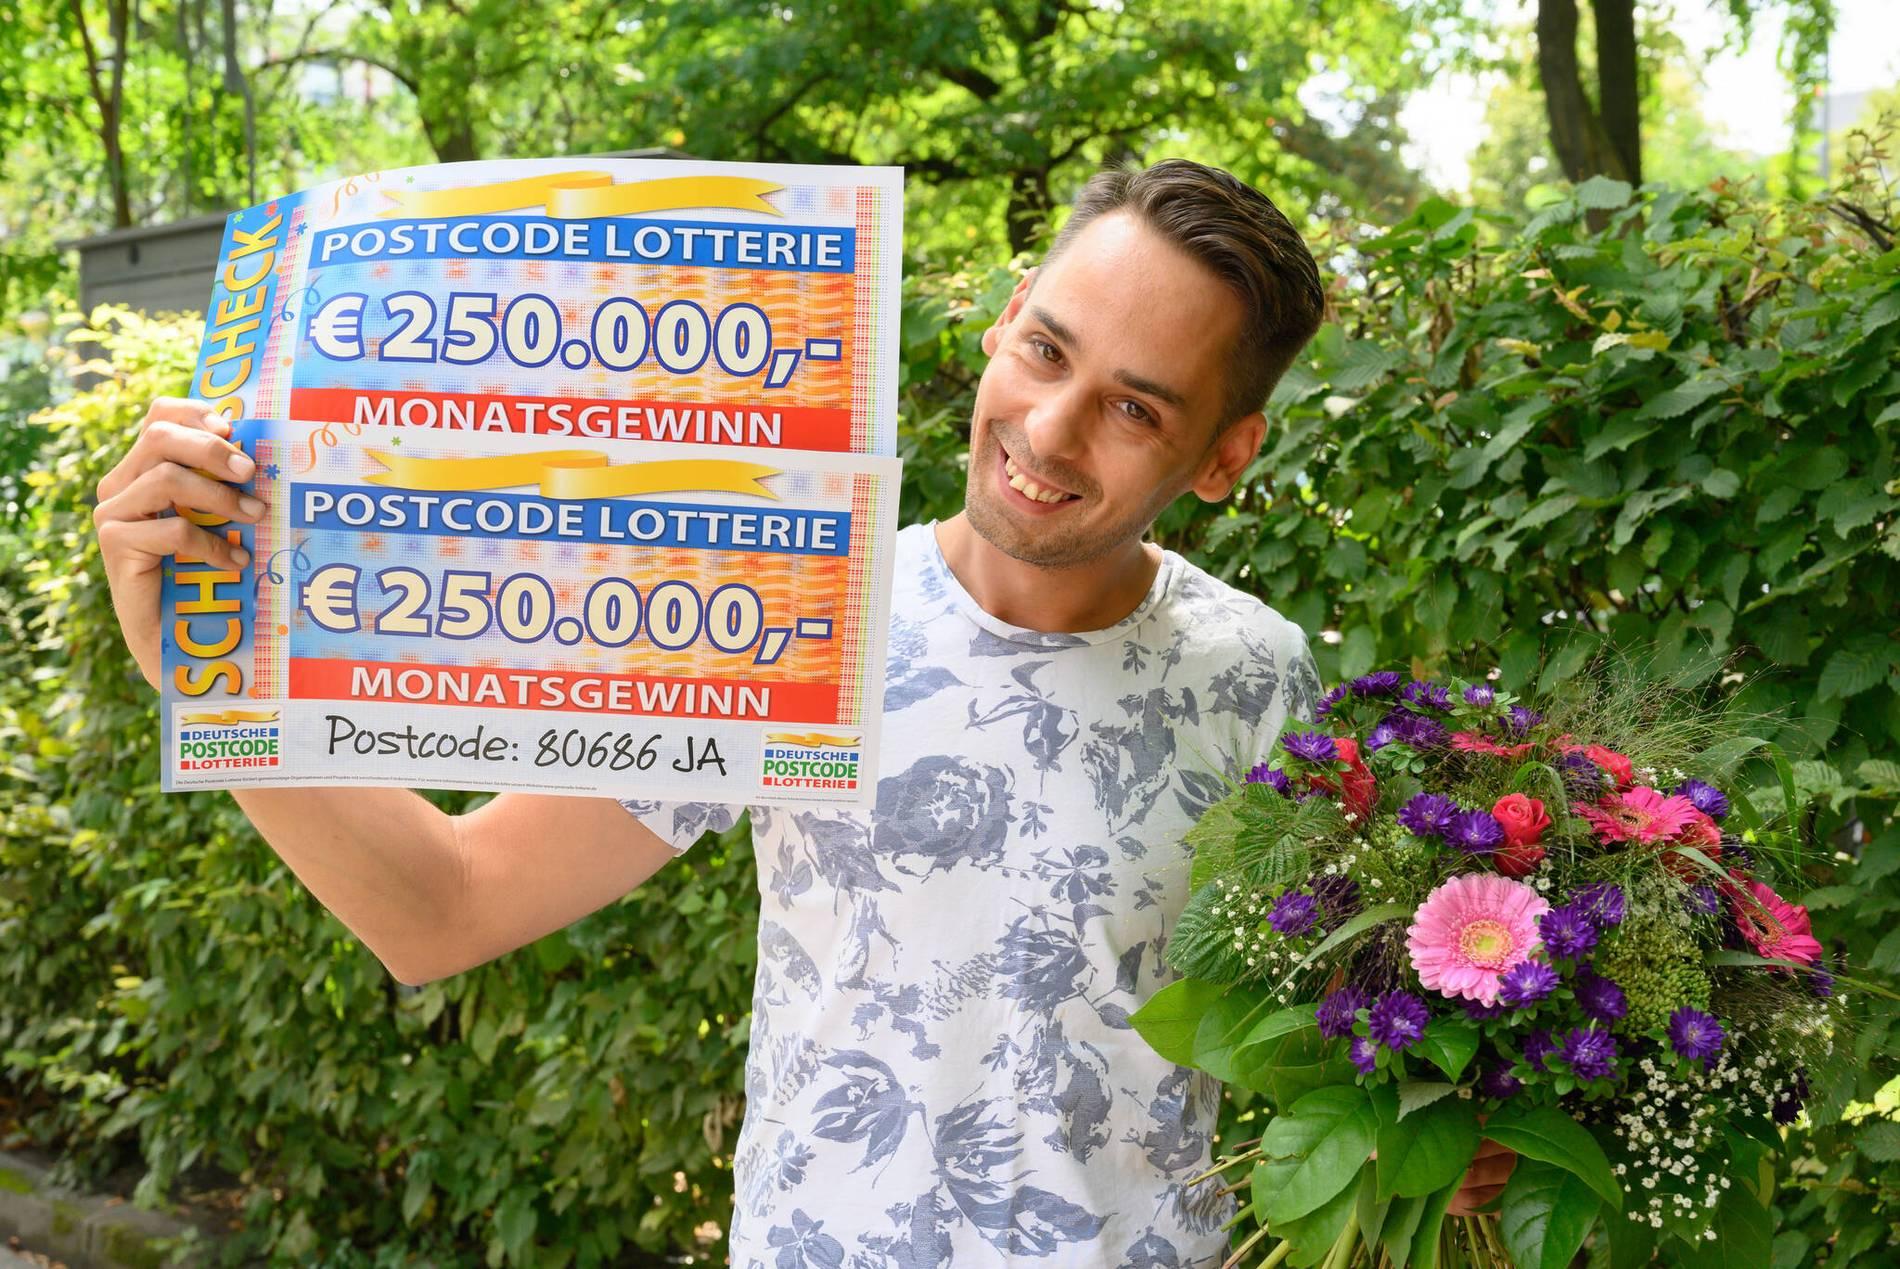 Postcode Lotterie Abmelden